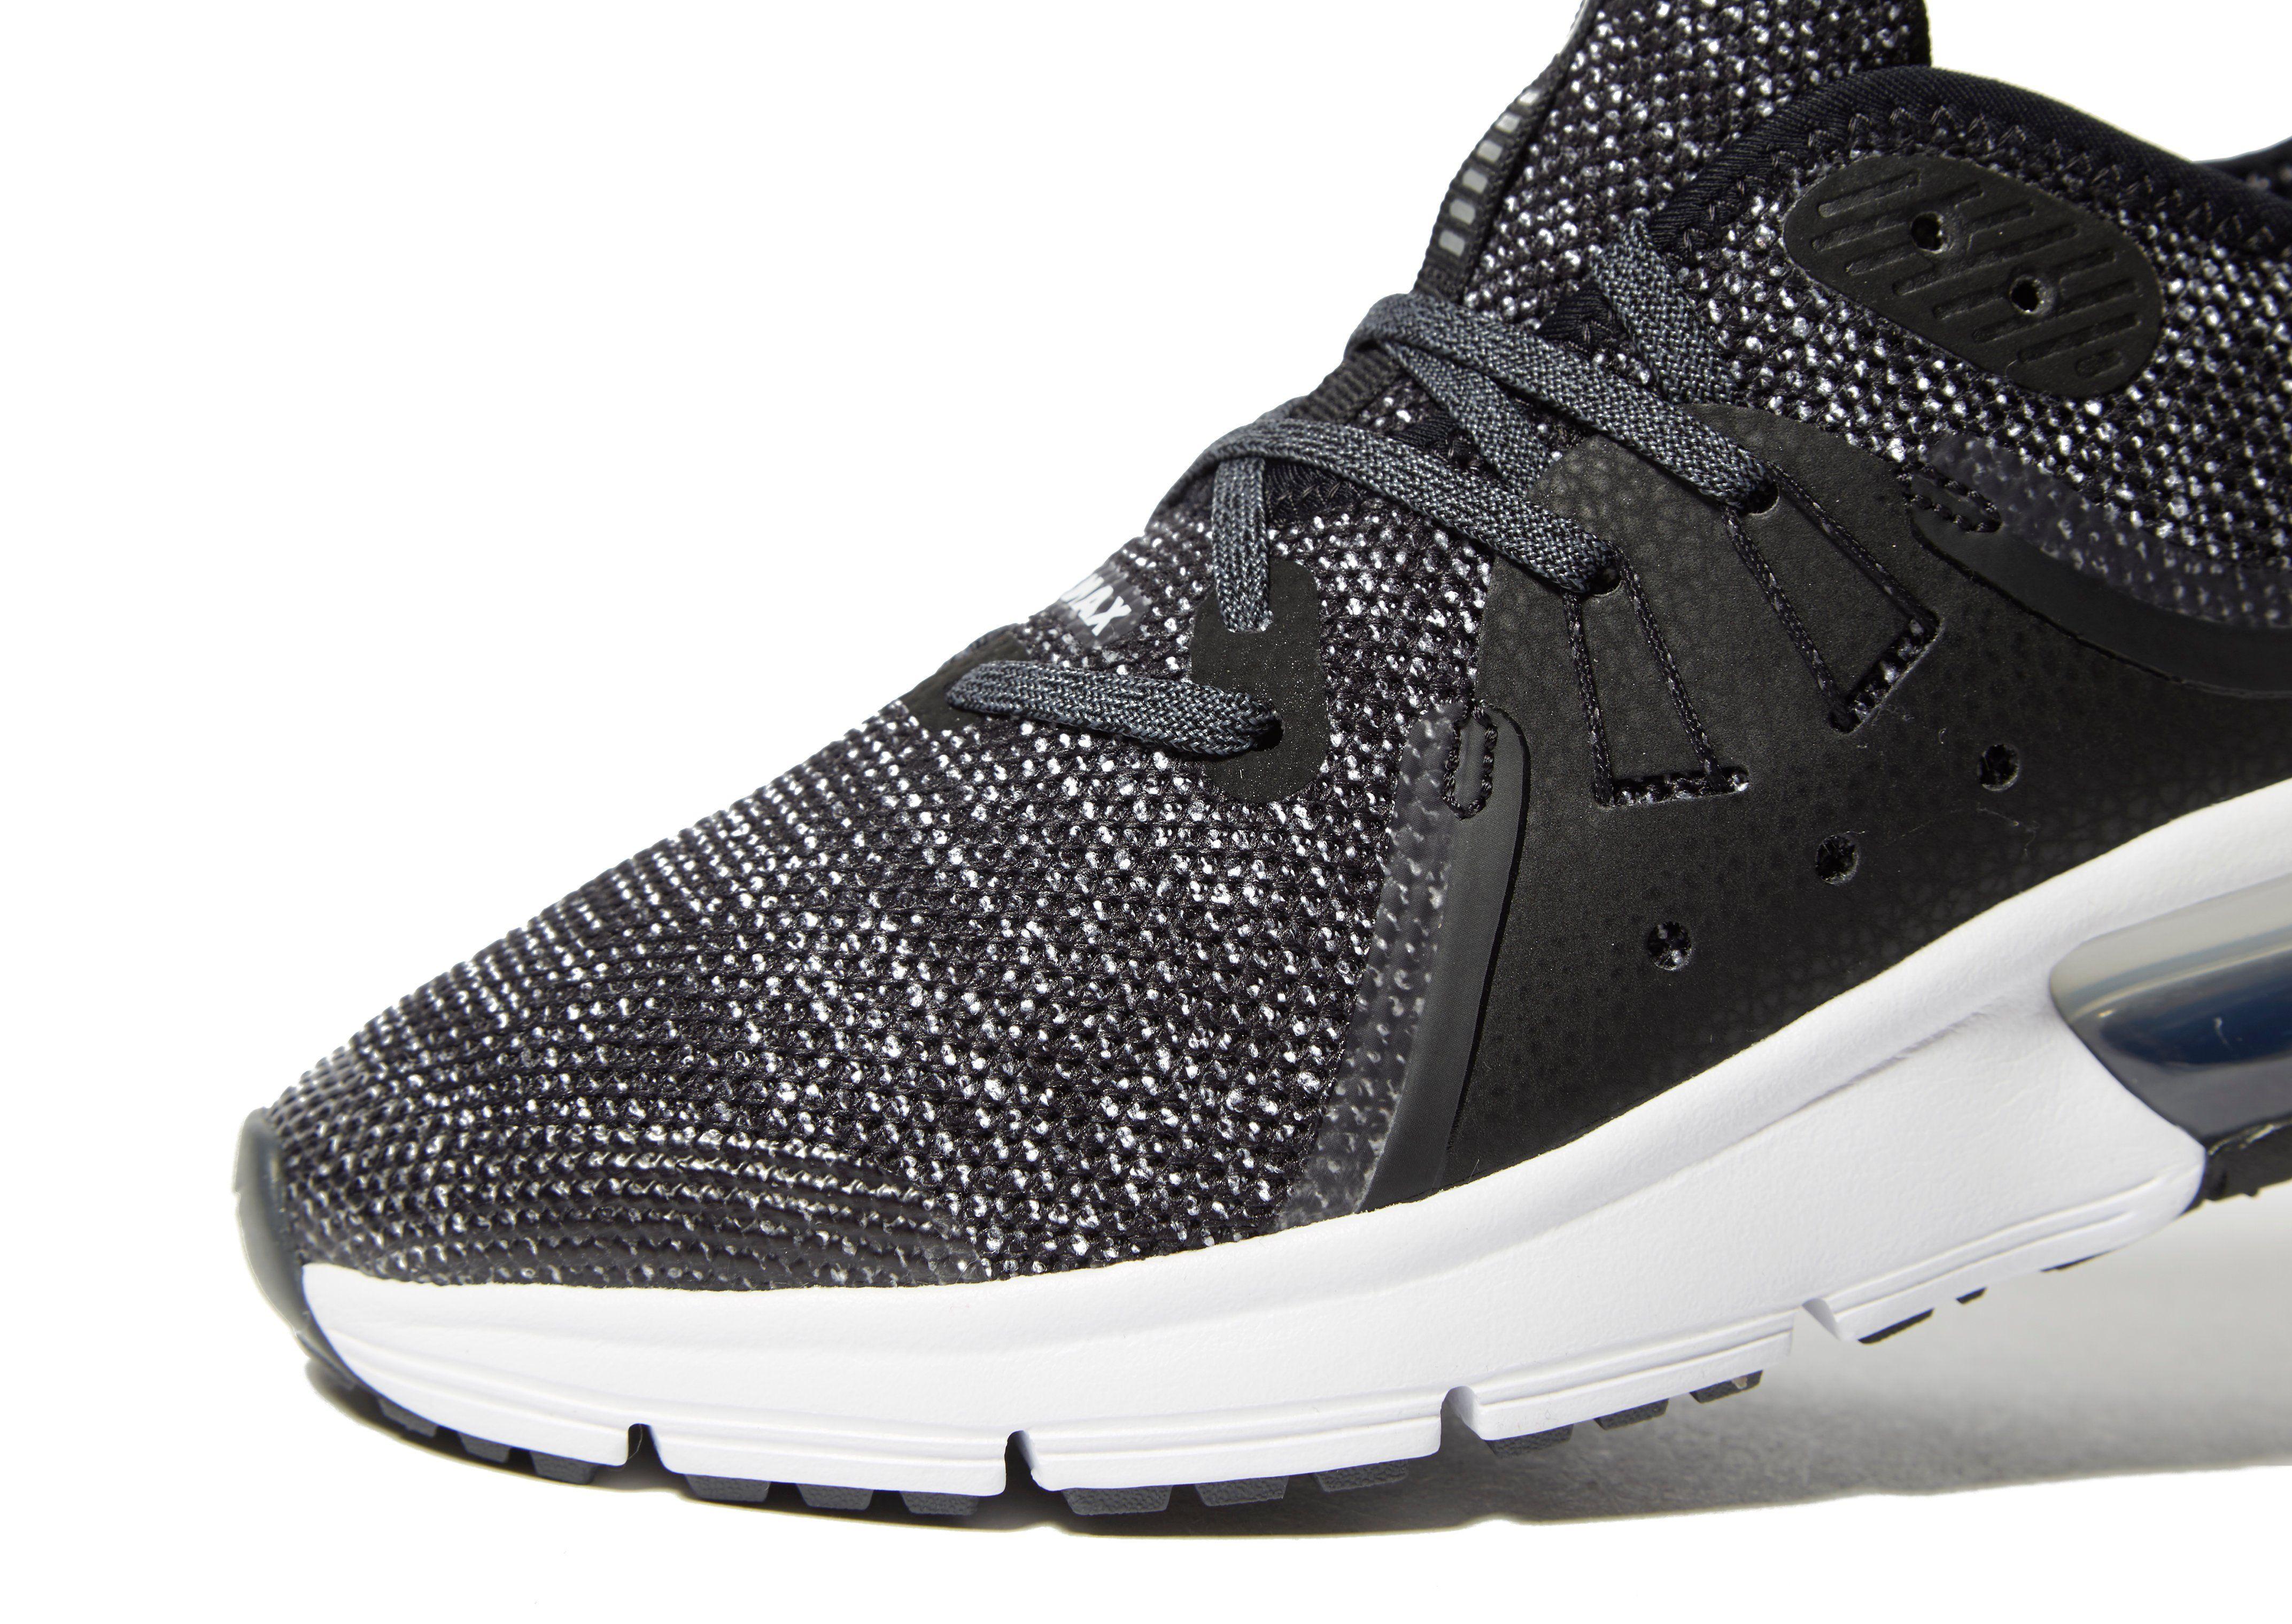 Nike Air Max Sequent 3 Junior Schwarz Rabatt-Angebote Billig Verkauf Countdown-Paket Verkauf Visum Zahlung Spielraum Großer Rabatt Brandneue Unisex Günstig Online 7qyQMD21K